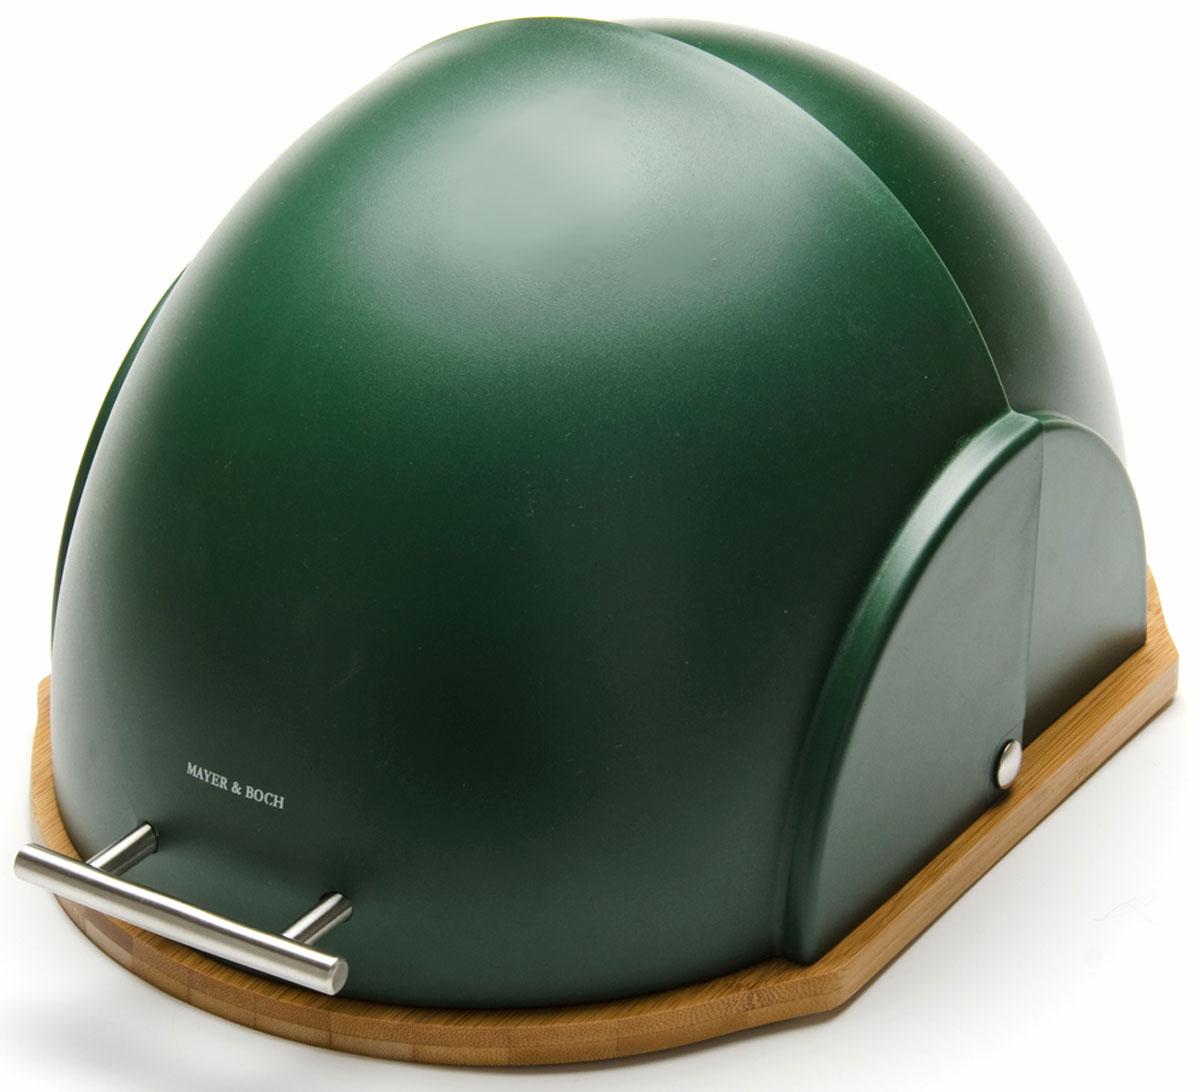 Хлебница Mayer & Boch, 27 х 21 х 38 см. 2626126261Хлебница Mayer & Boch, выполненная в эксклюзивном дизайне из экологически чистых материалов, поможет надолго сохранить ваш хлеб свежим. Крышка хлебницы имеет надежный механизм и не занимает дополнительного места для открытия, легко и бесшумно открывается и закрывается. Яркий дизайн, эстетичность и функциональность сделают хлебницу превосходным аксессуаром на вашей кухне.